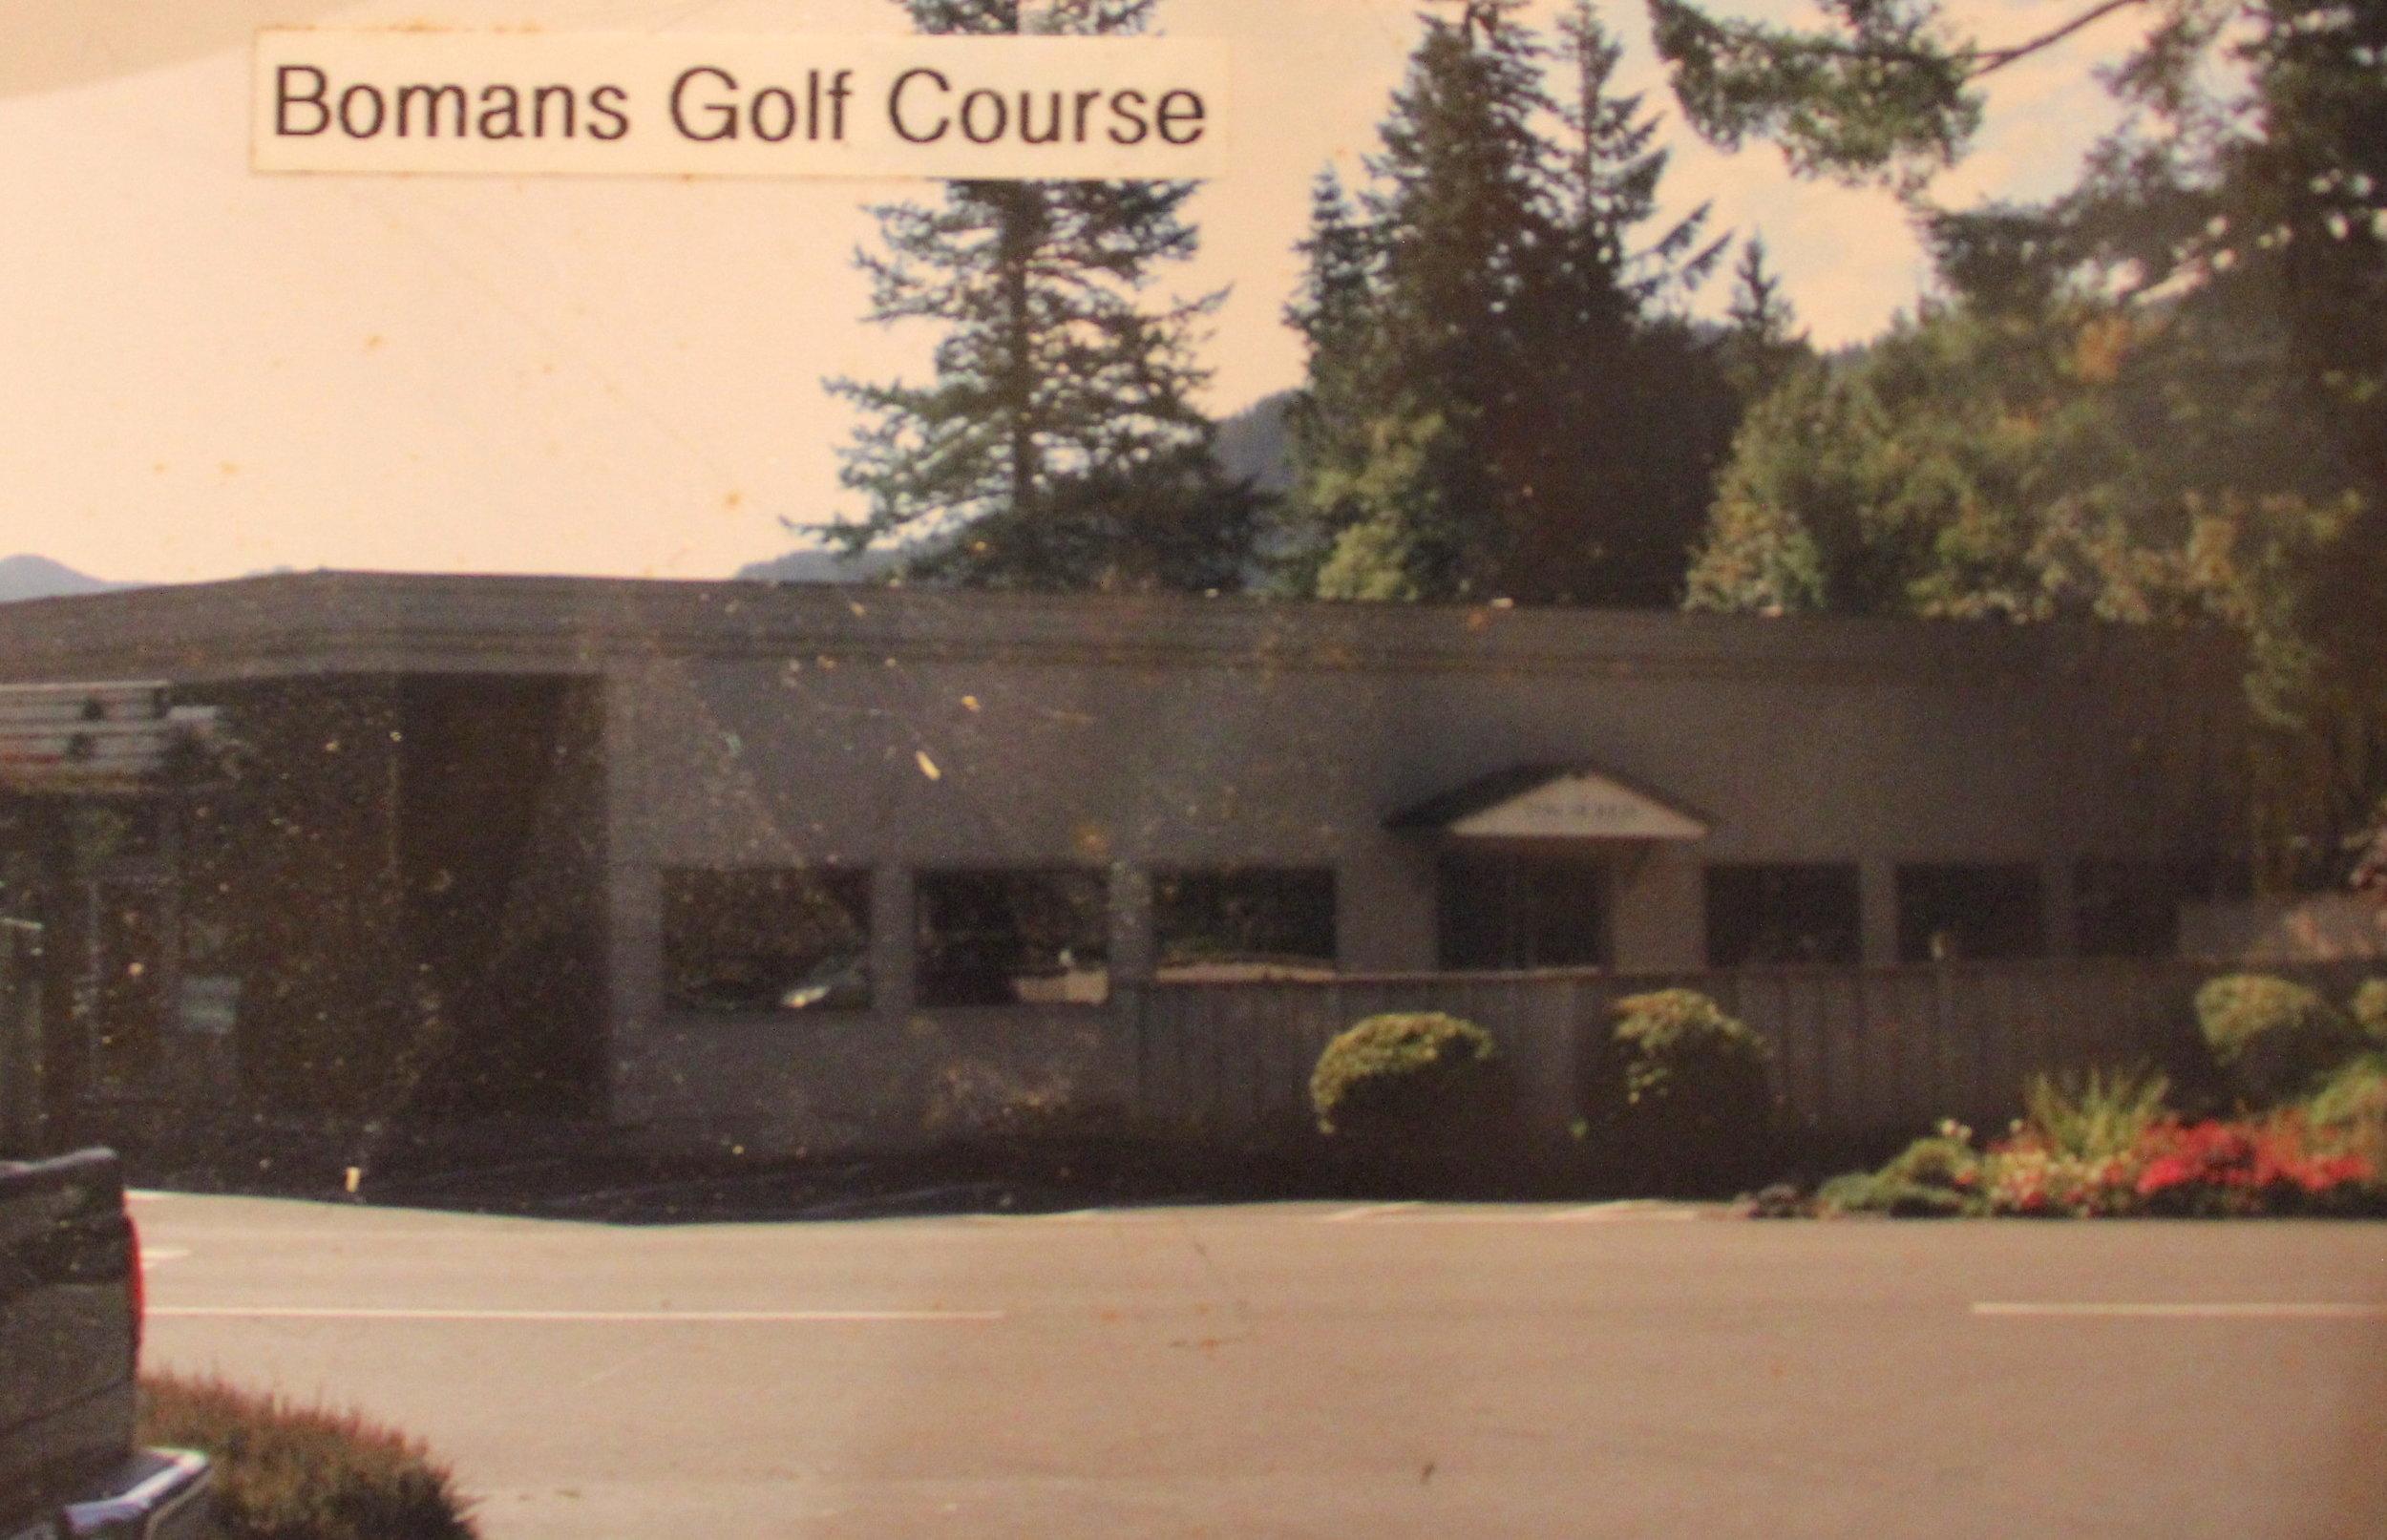 Bomans Golf Course.JPG